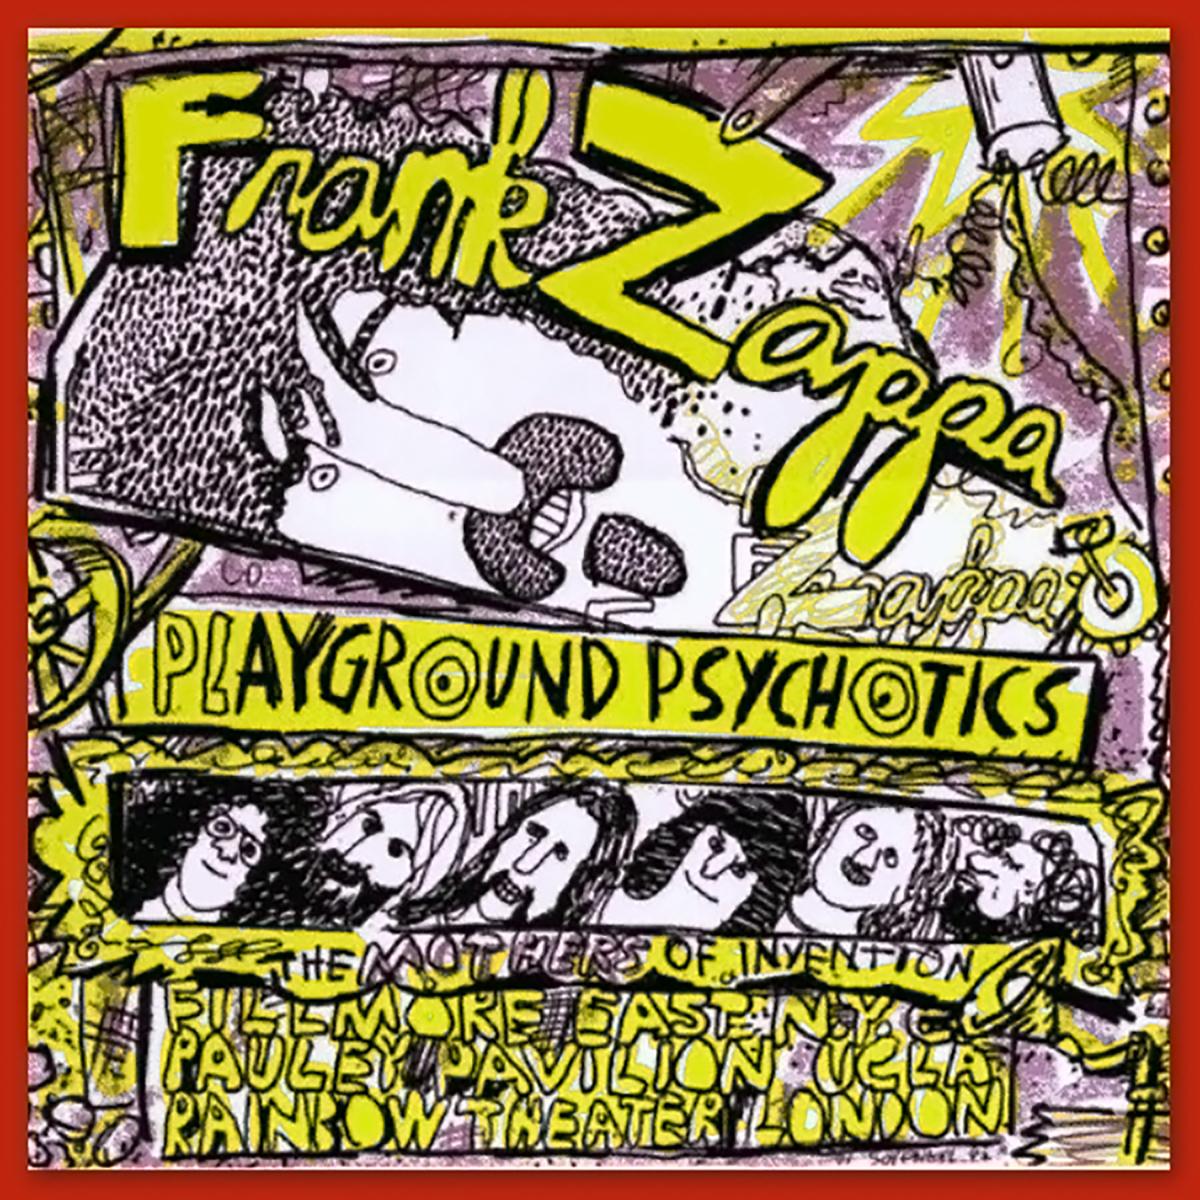 Frank Zappa - Playground Psychotics (1992)